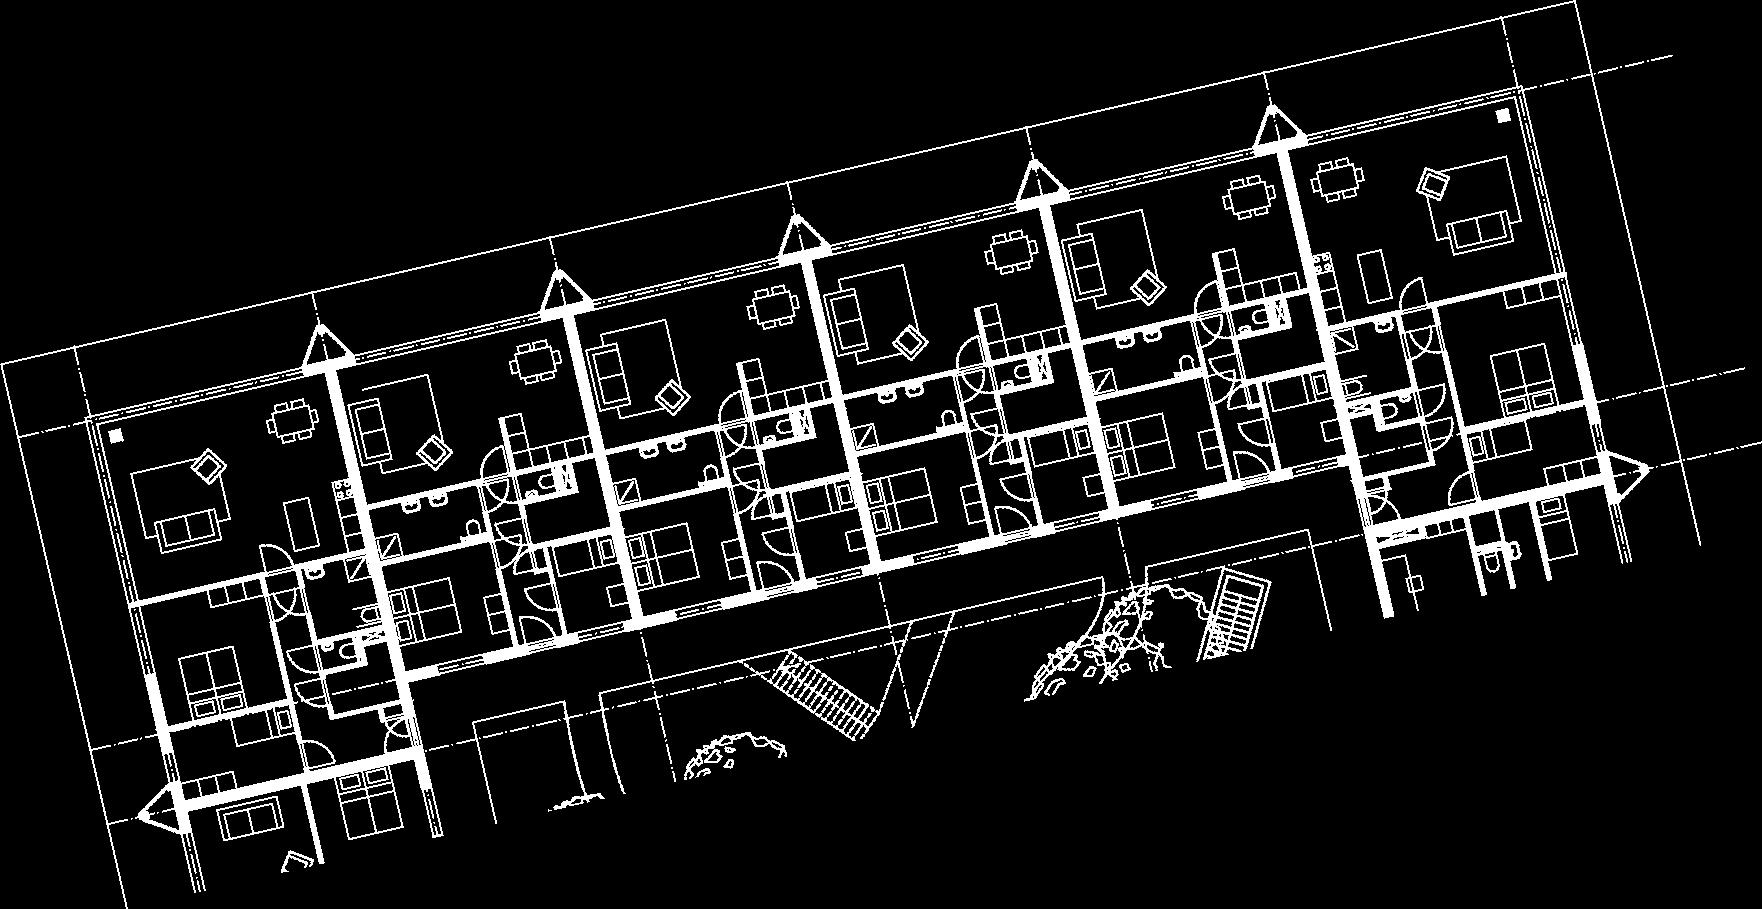 Kelsche Hofstede - Wonen in het park plattegrond